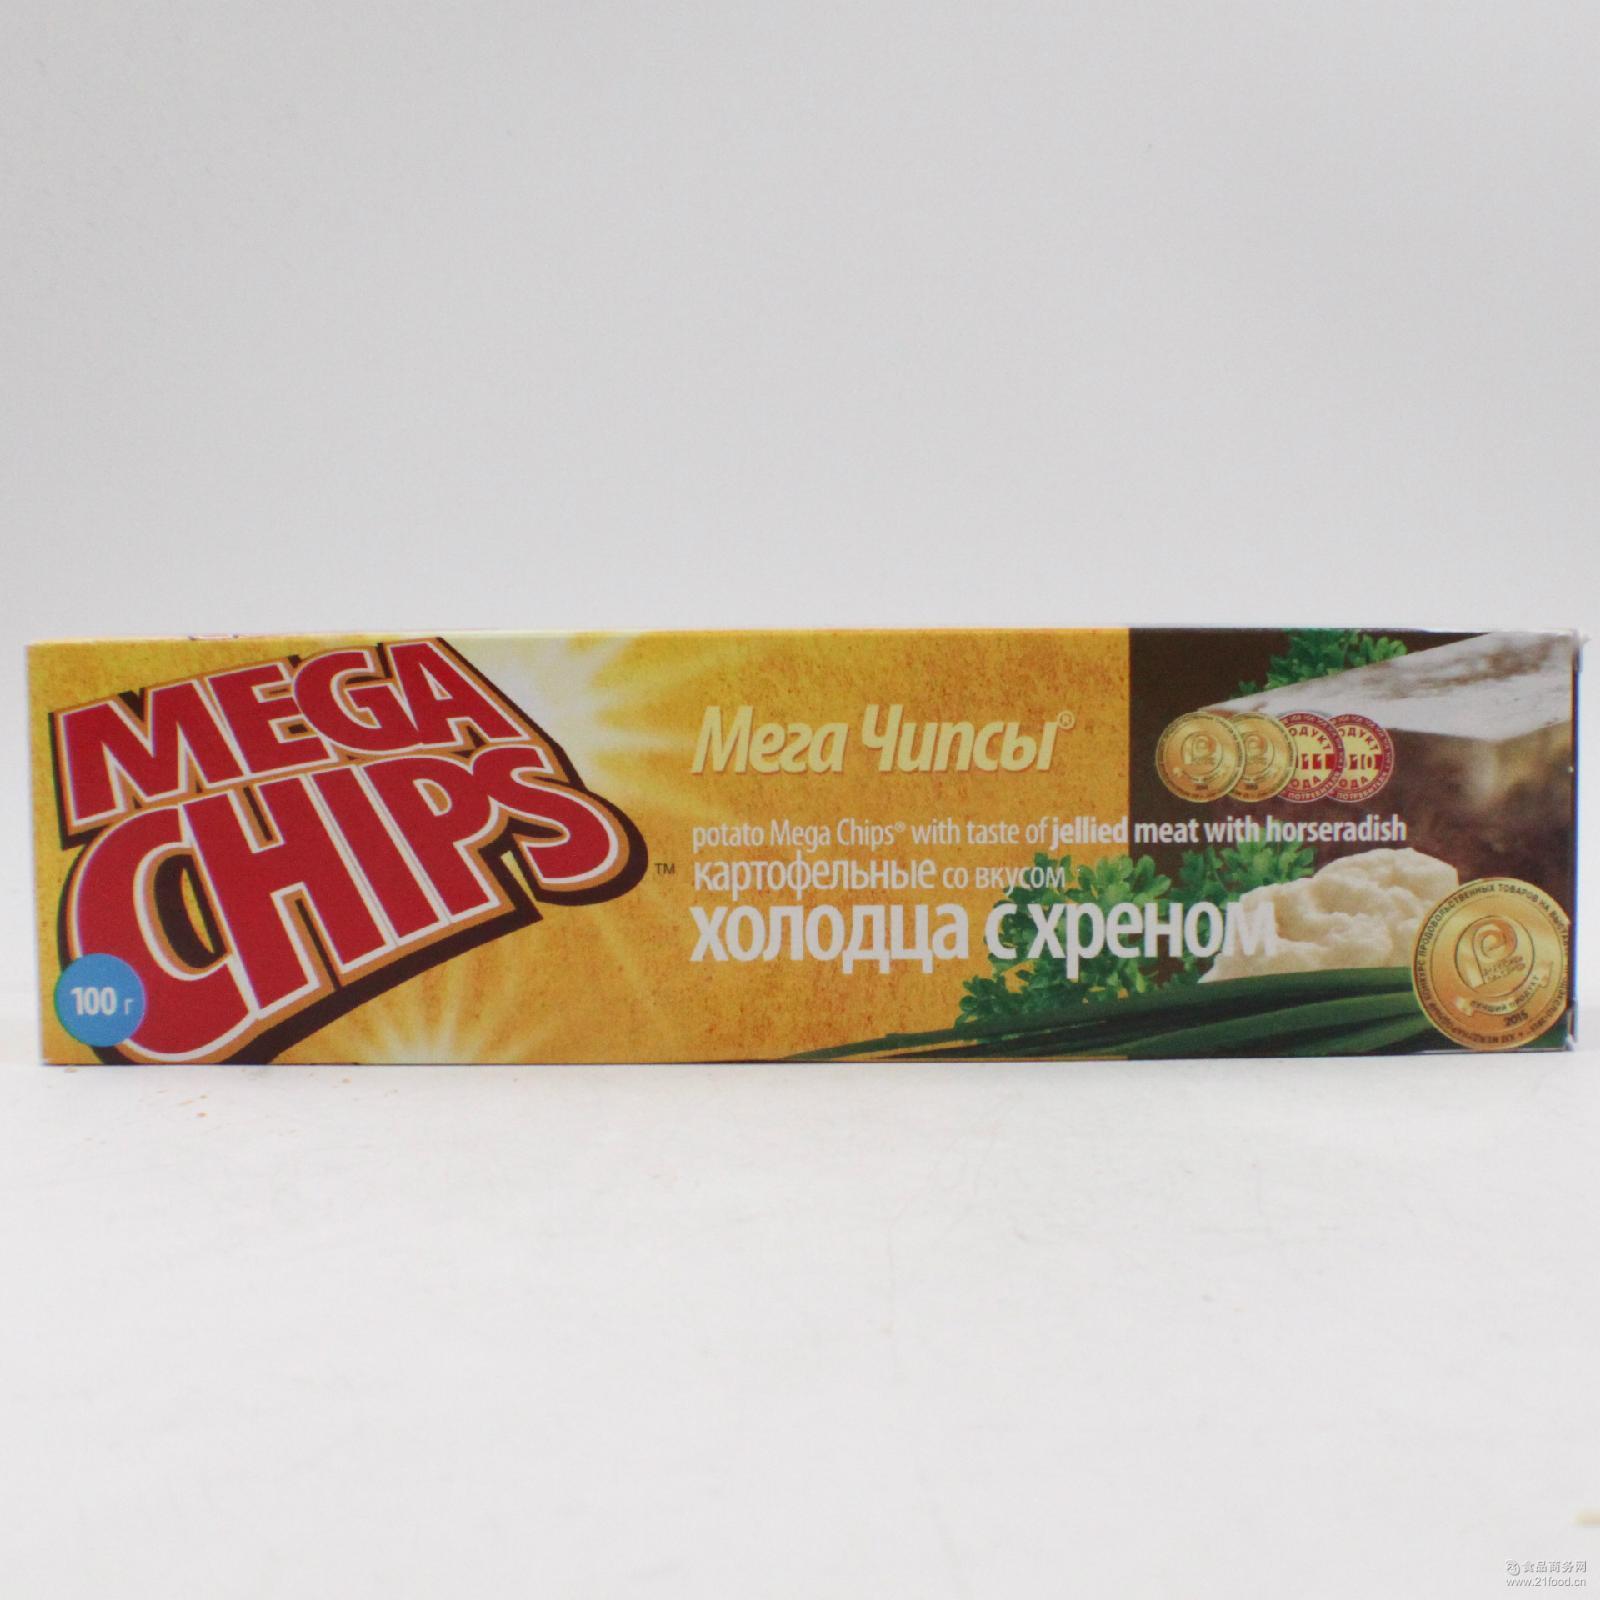 香甜酥脆膨化儿童零食批发 俄罗斯原装进口宾格瑞恋人50克薯片